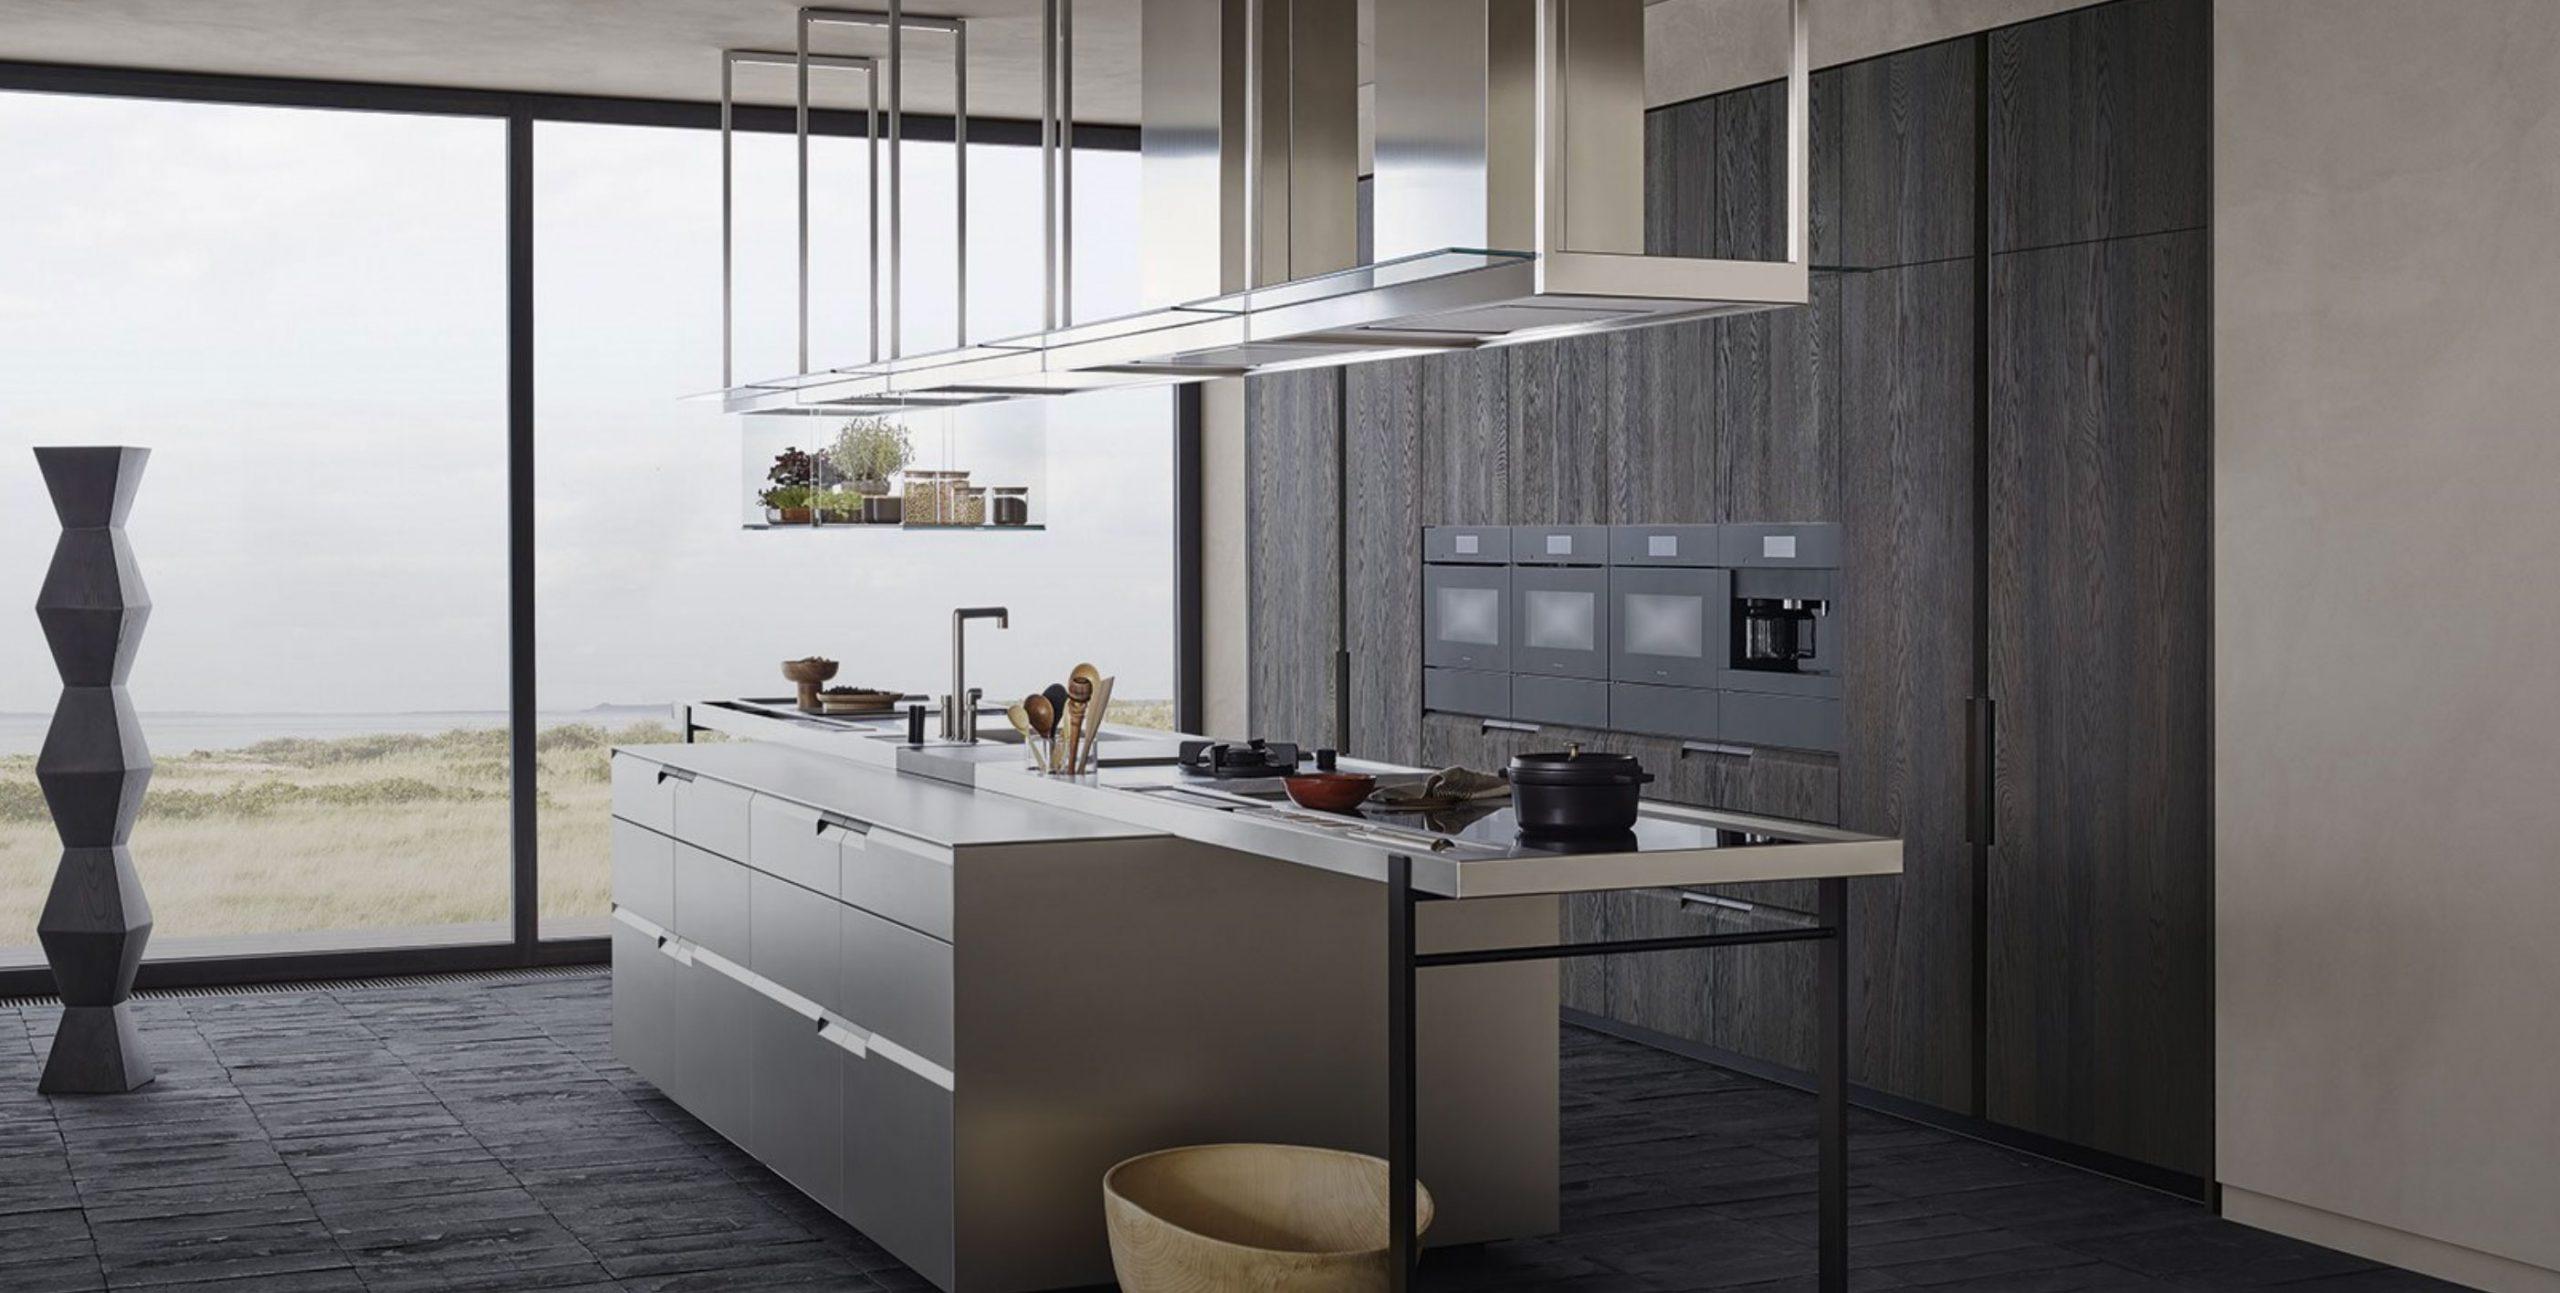 In cucina ispiratevi allo stile contemporaneo, che vince per funzionalità e design